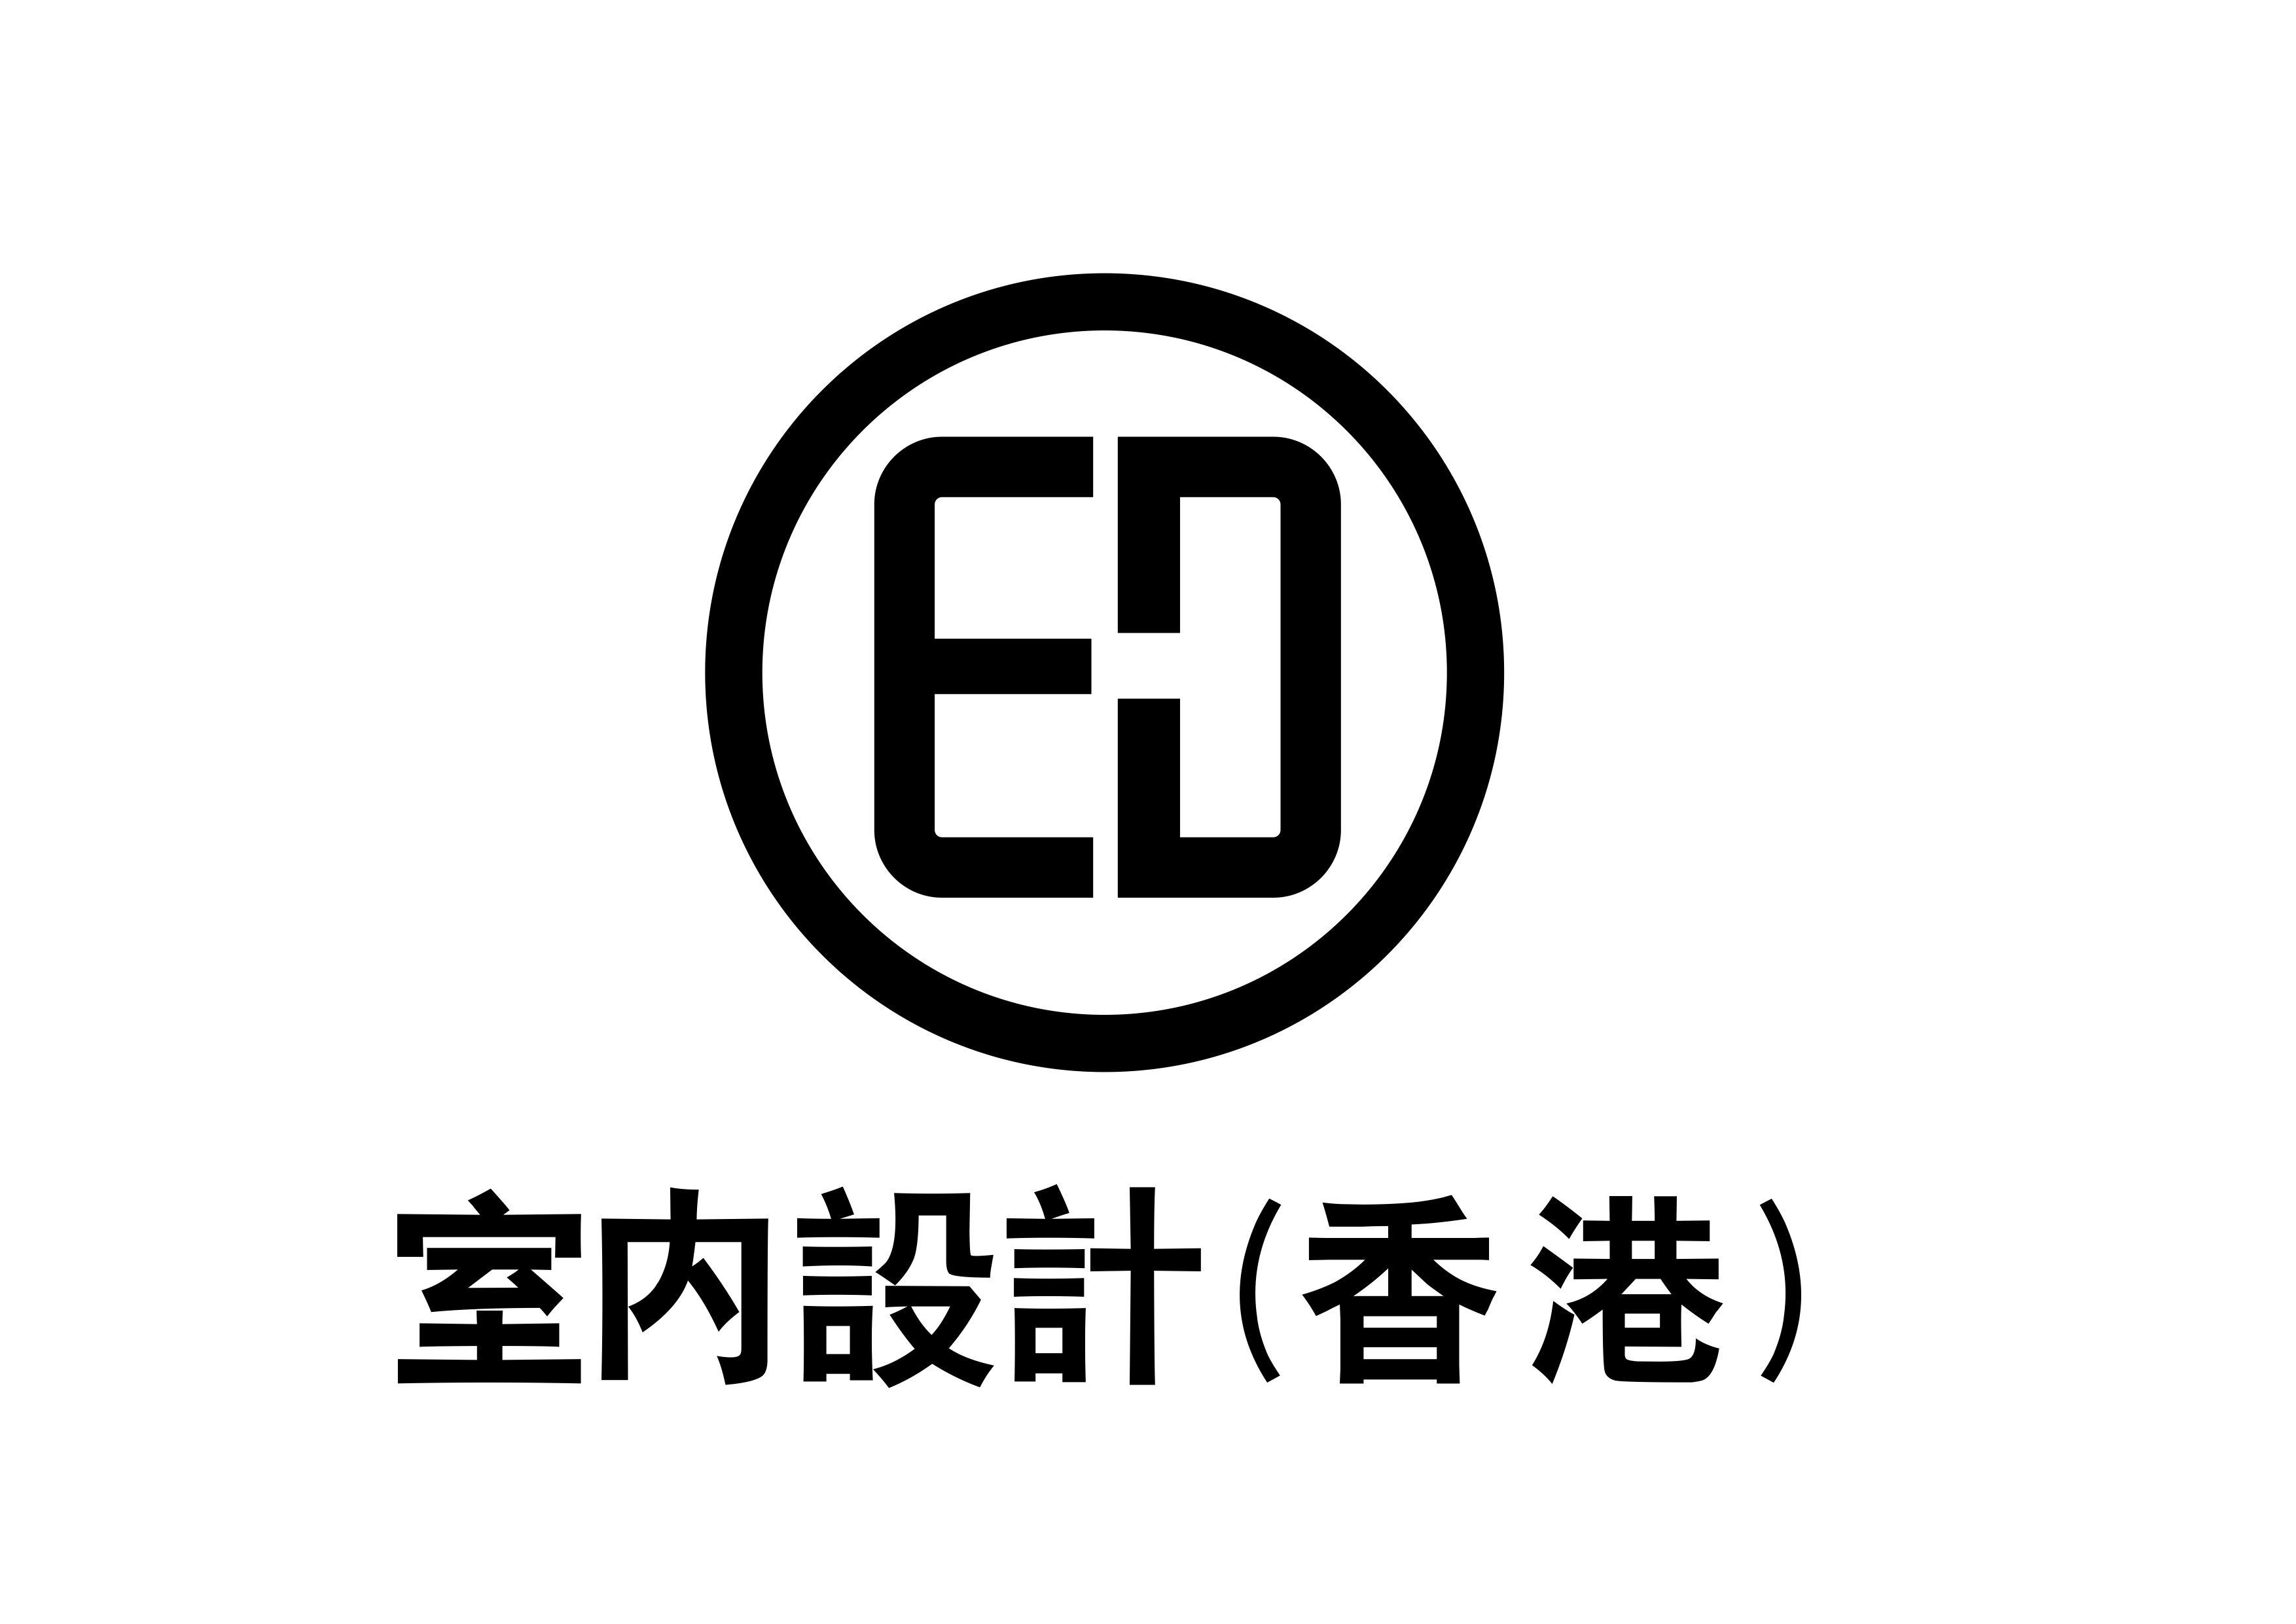 埃迪室内设计(香港)有限公司招聘信息